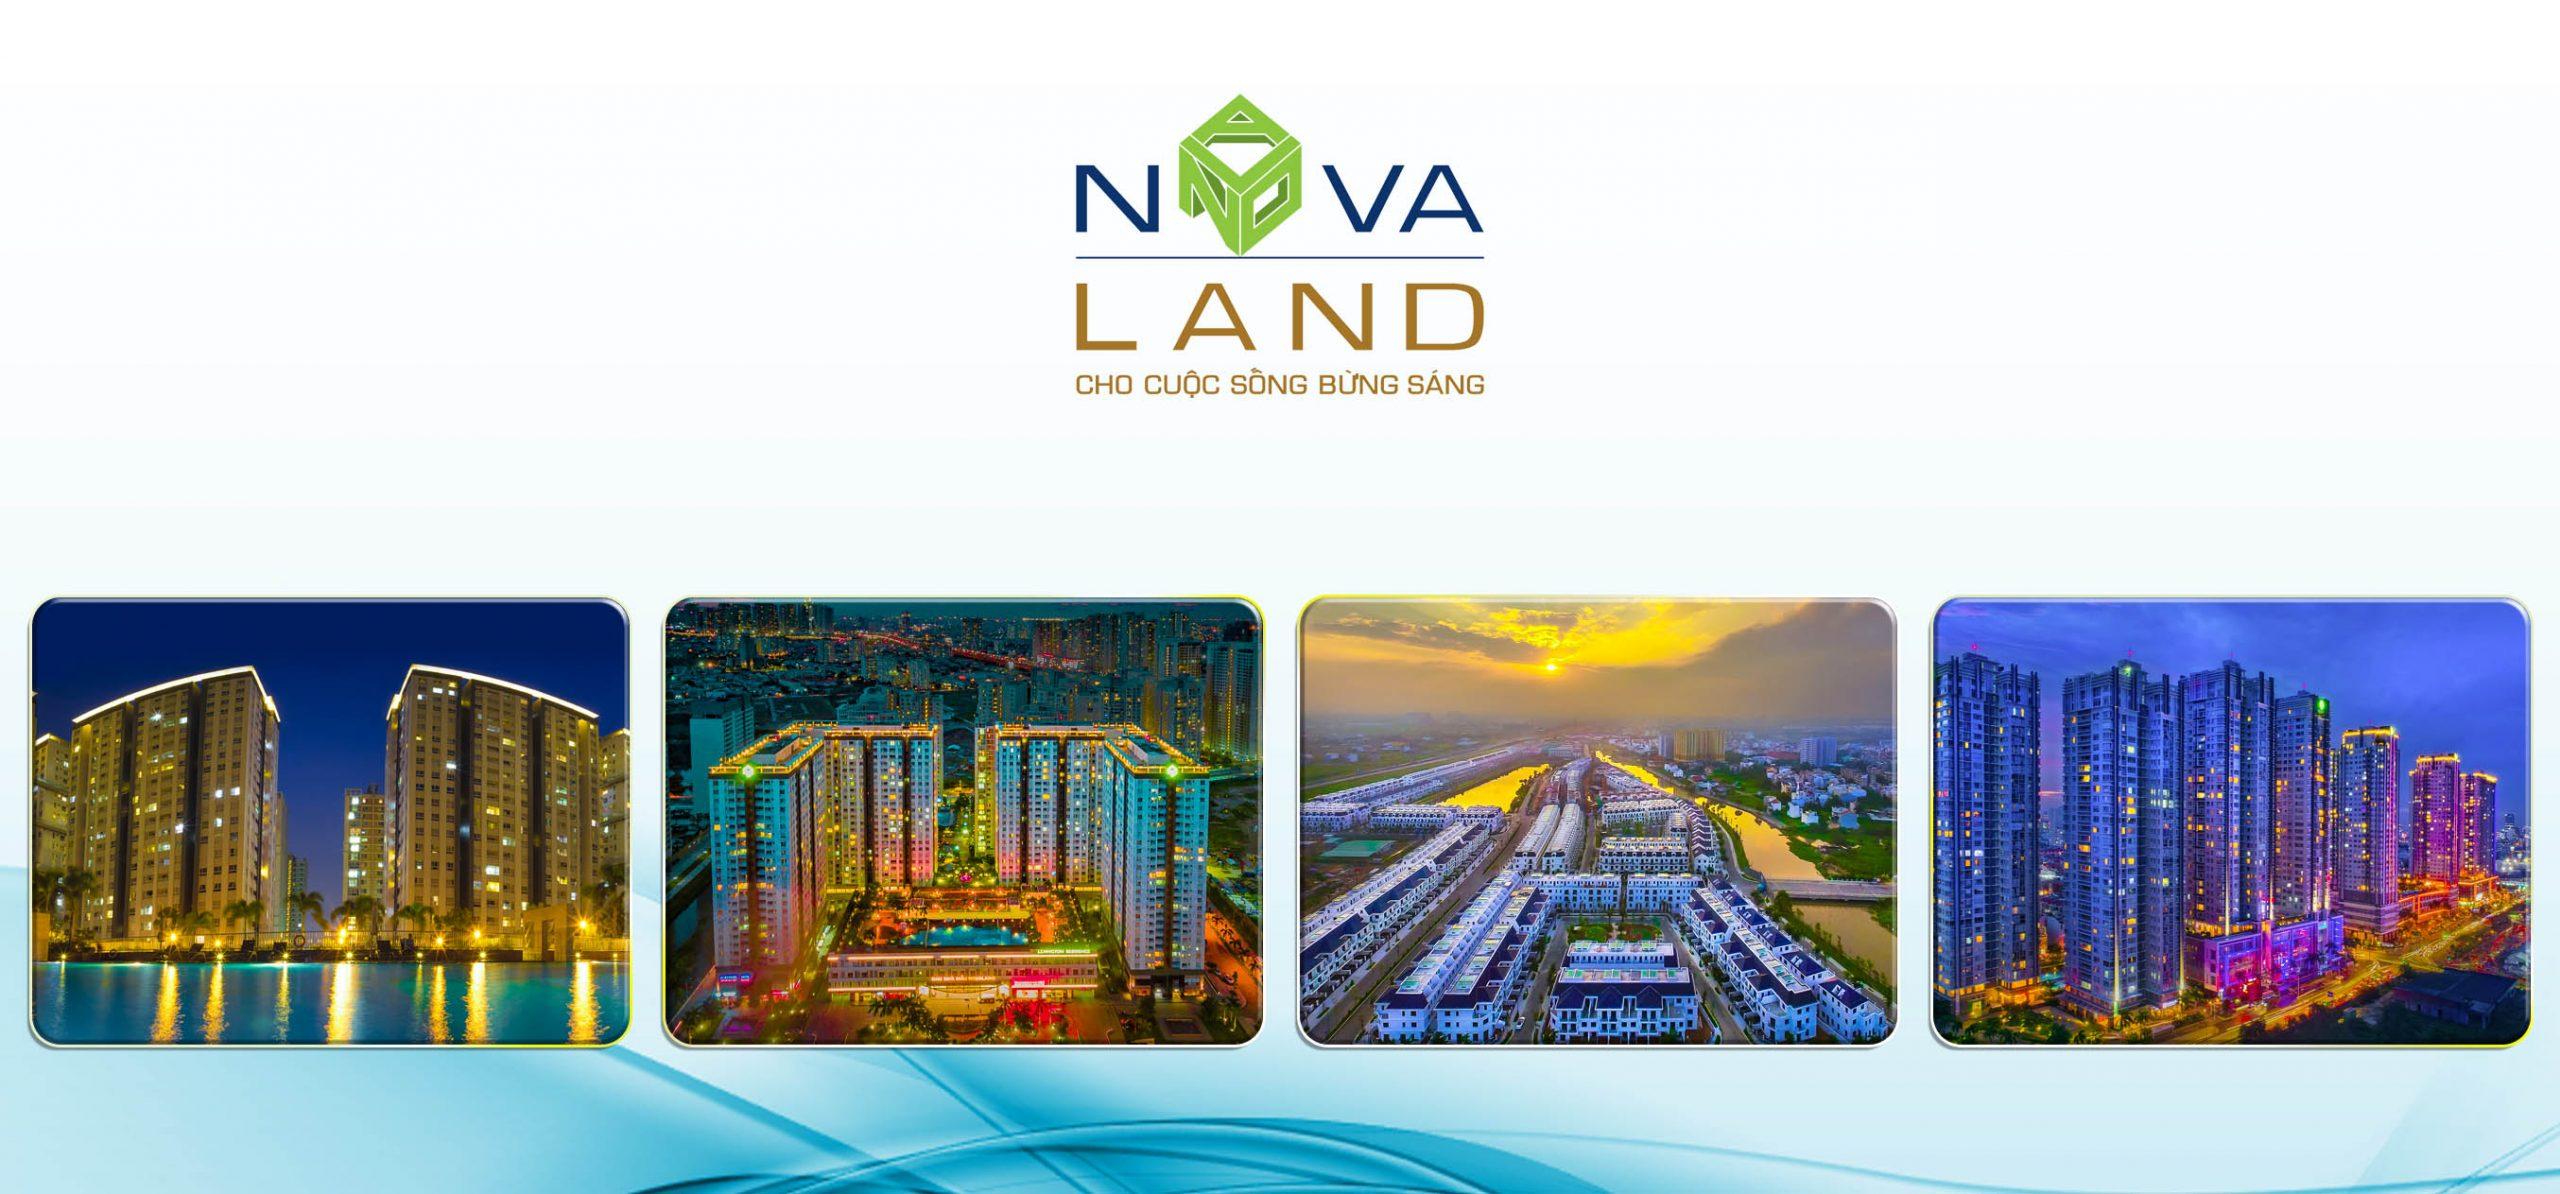 Chủ đầu tư Novand thành công với nhiều dự án